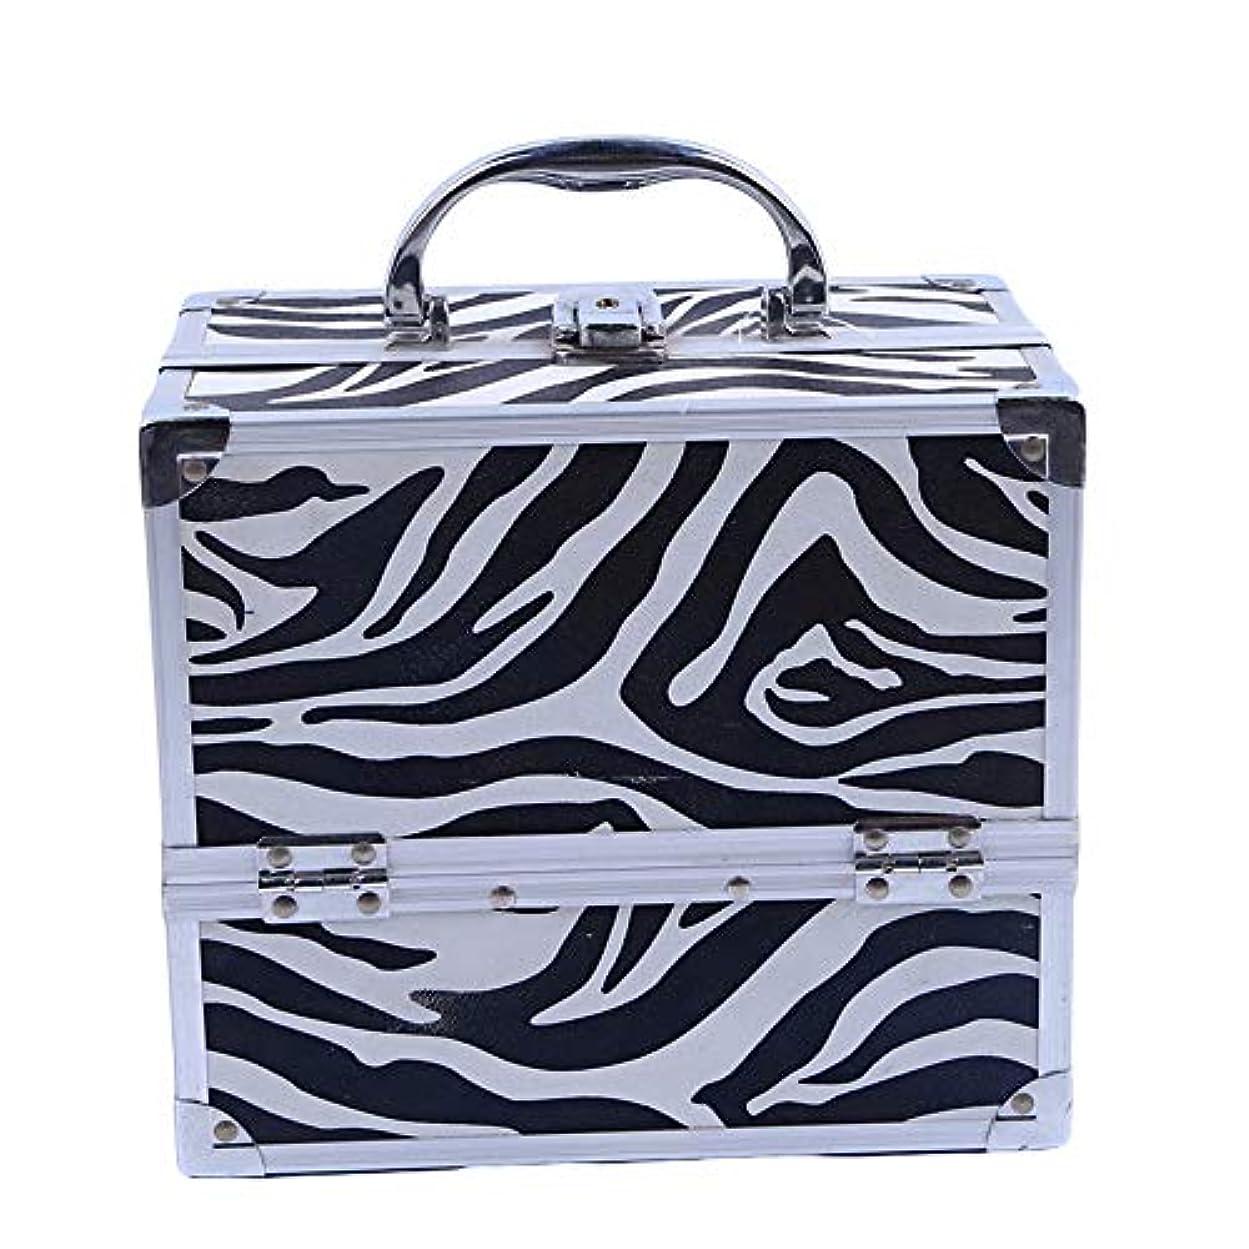 ミリメーターバーガーベギン化粧オーガナイザーバッグ ゼブラストライプトラベルアクセサリーのポータブル化粧ケースシャンプーボディウォッシュパーソナルアイテムロックとトレイ付きの収納 化粧品ケース